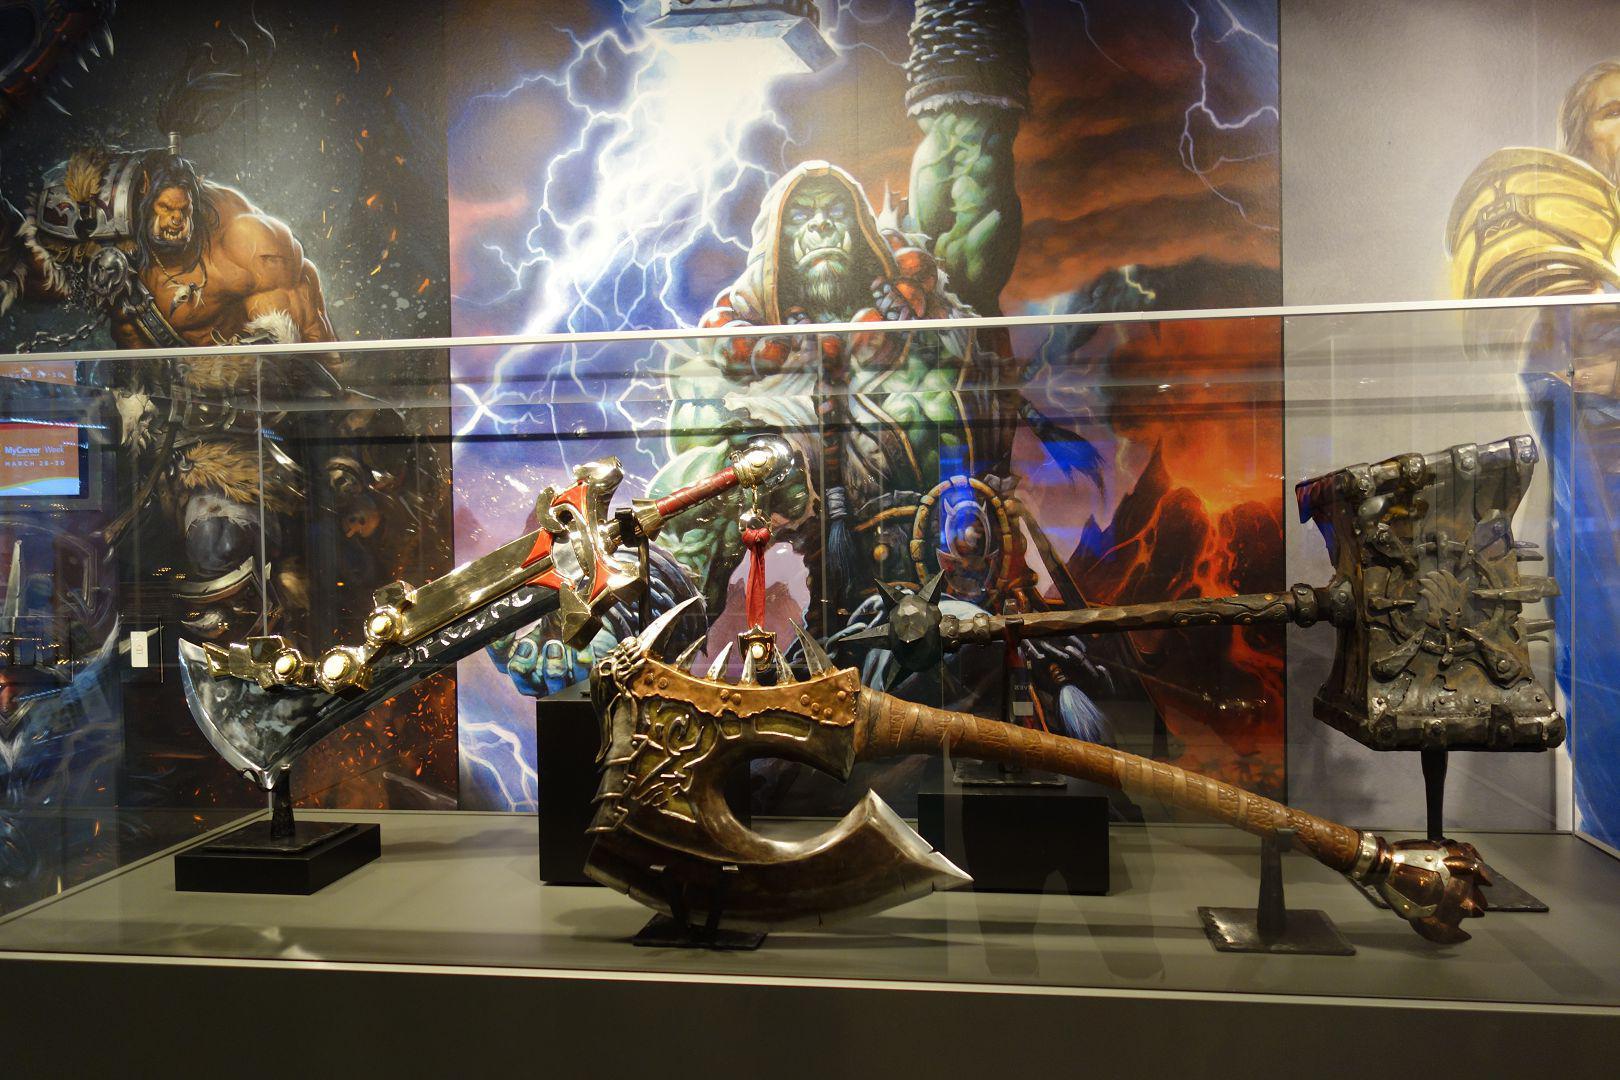 魔兽人物的武器